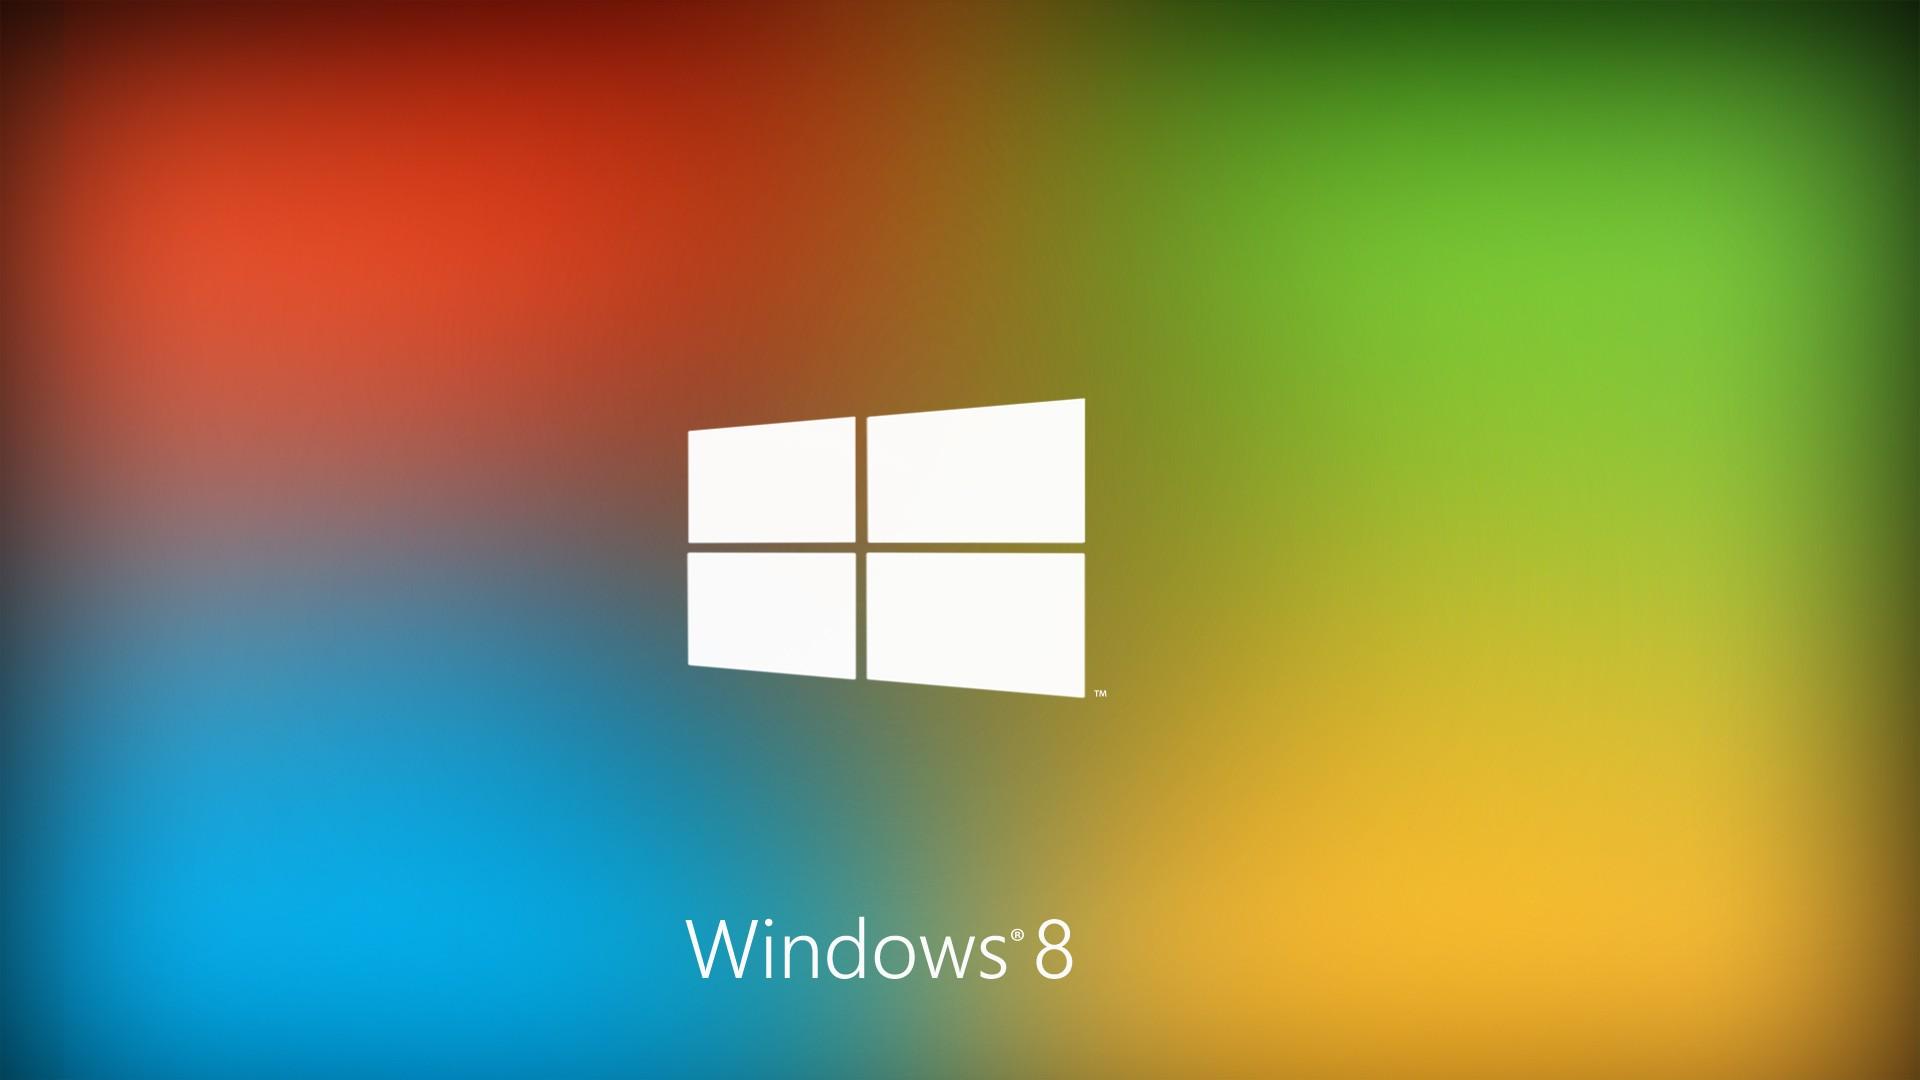 best windows 8 wallpapers hd - sf wallpaper